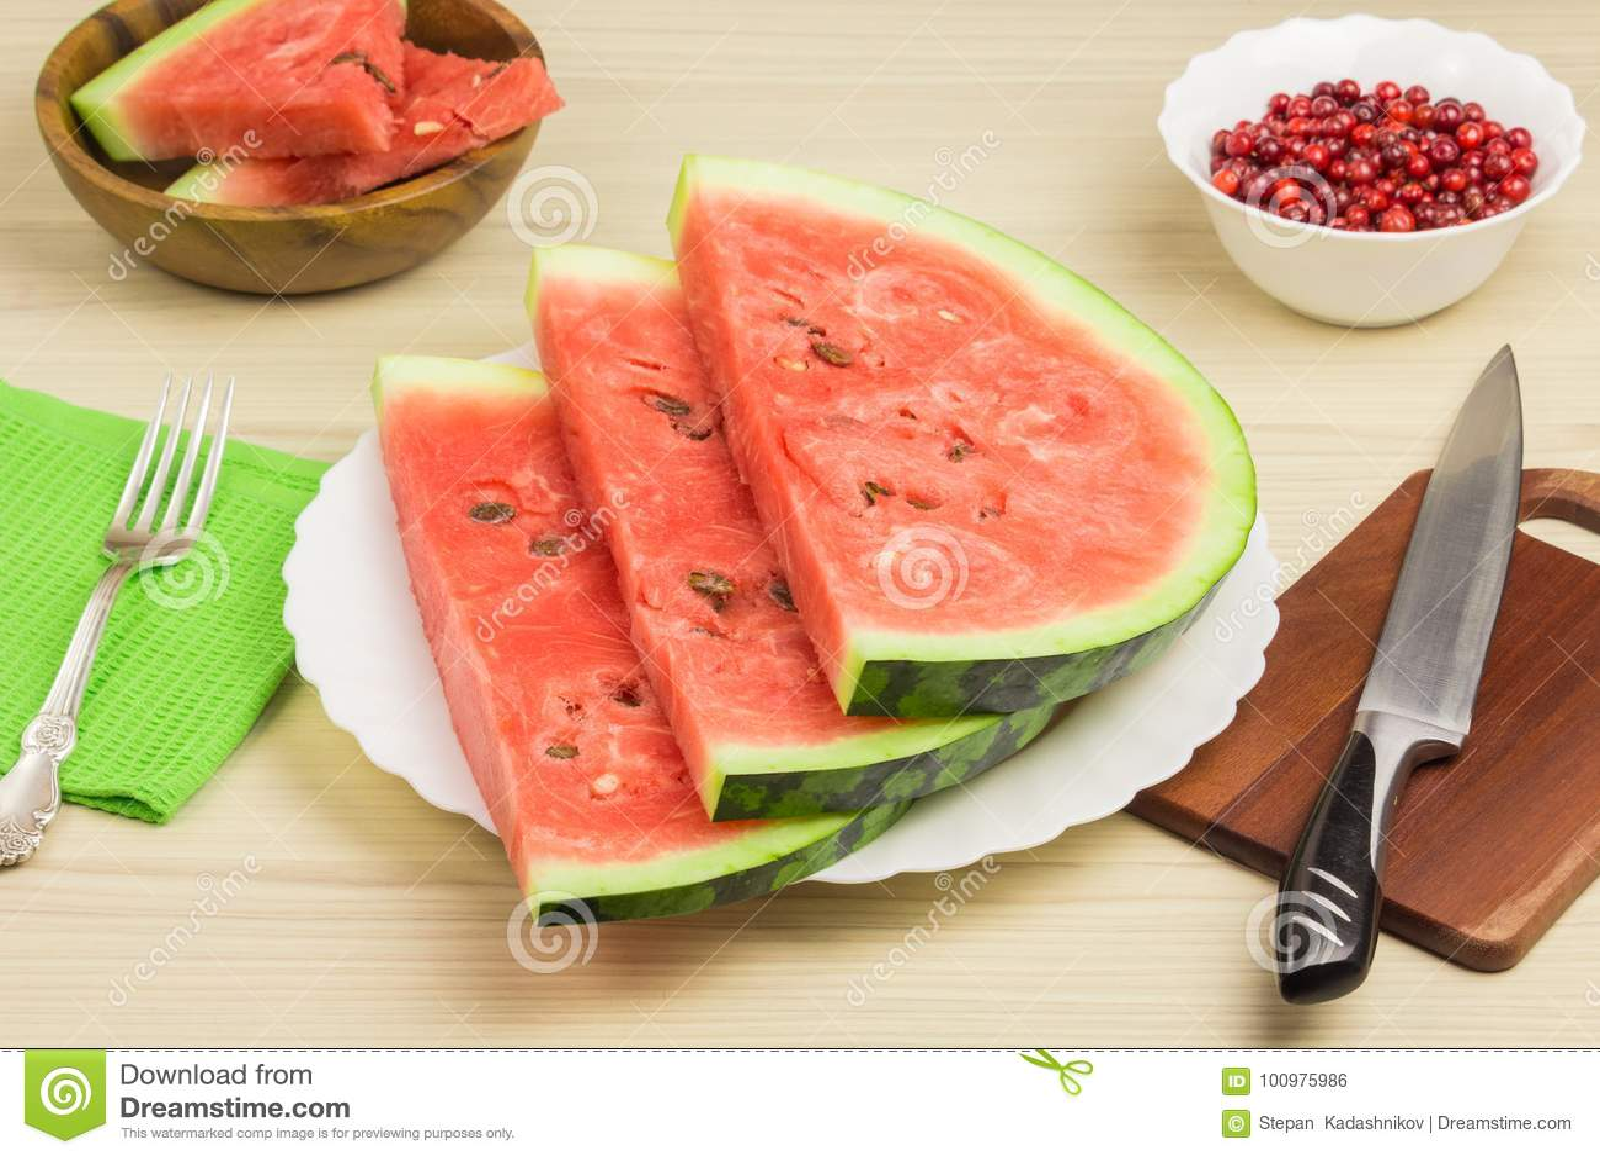 Köstliche Wassermelone auf einem hellen hölzernen Hintergrund Drei Scheiben reife rote Wassermelone der Beeren auf einer weißen P